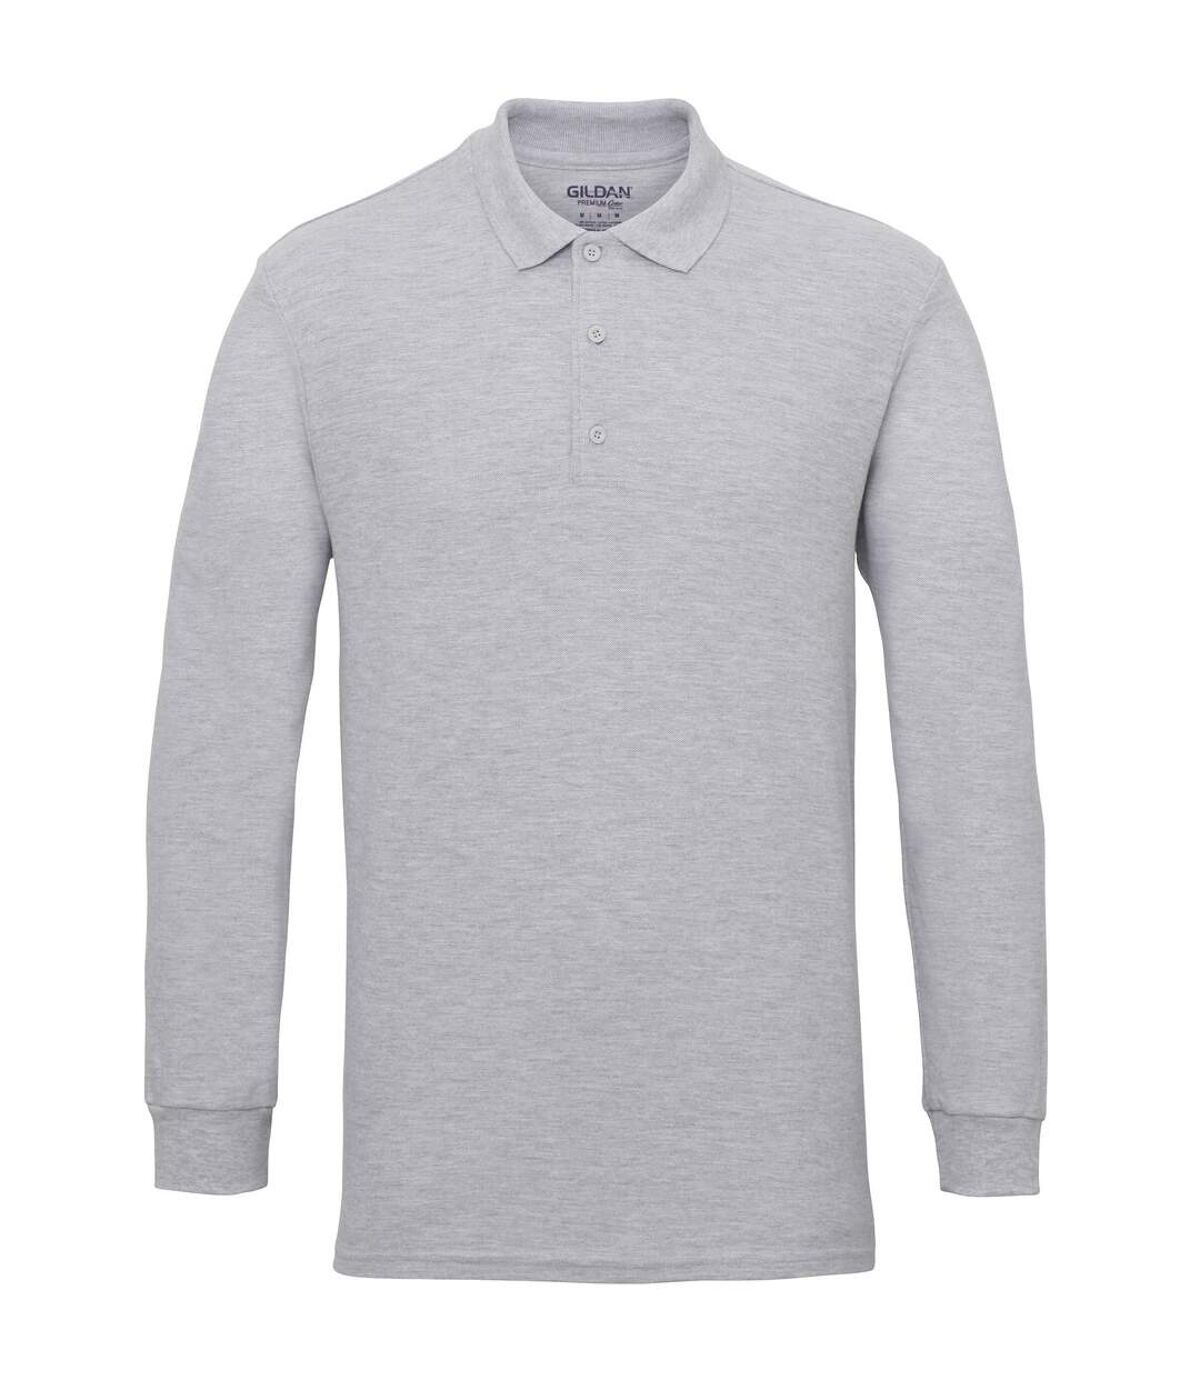 Gildan Mens Long Sleeve Premium Cotton Double Pique Polo Shirt (Navy) - UTRW4740